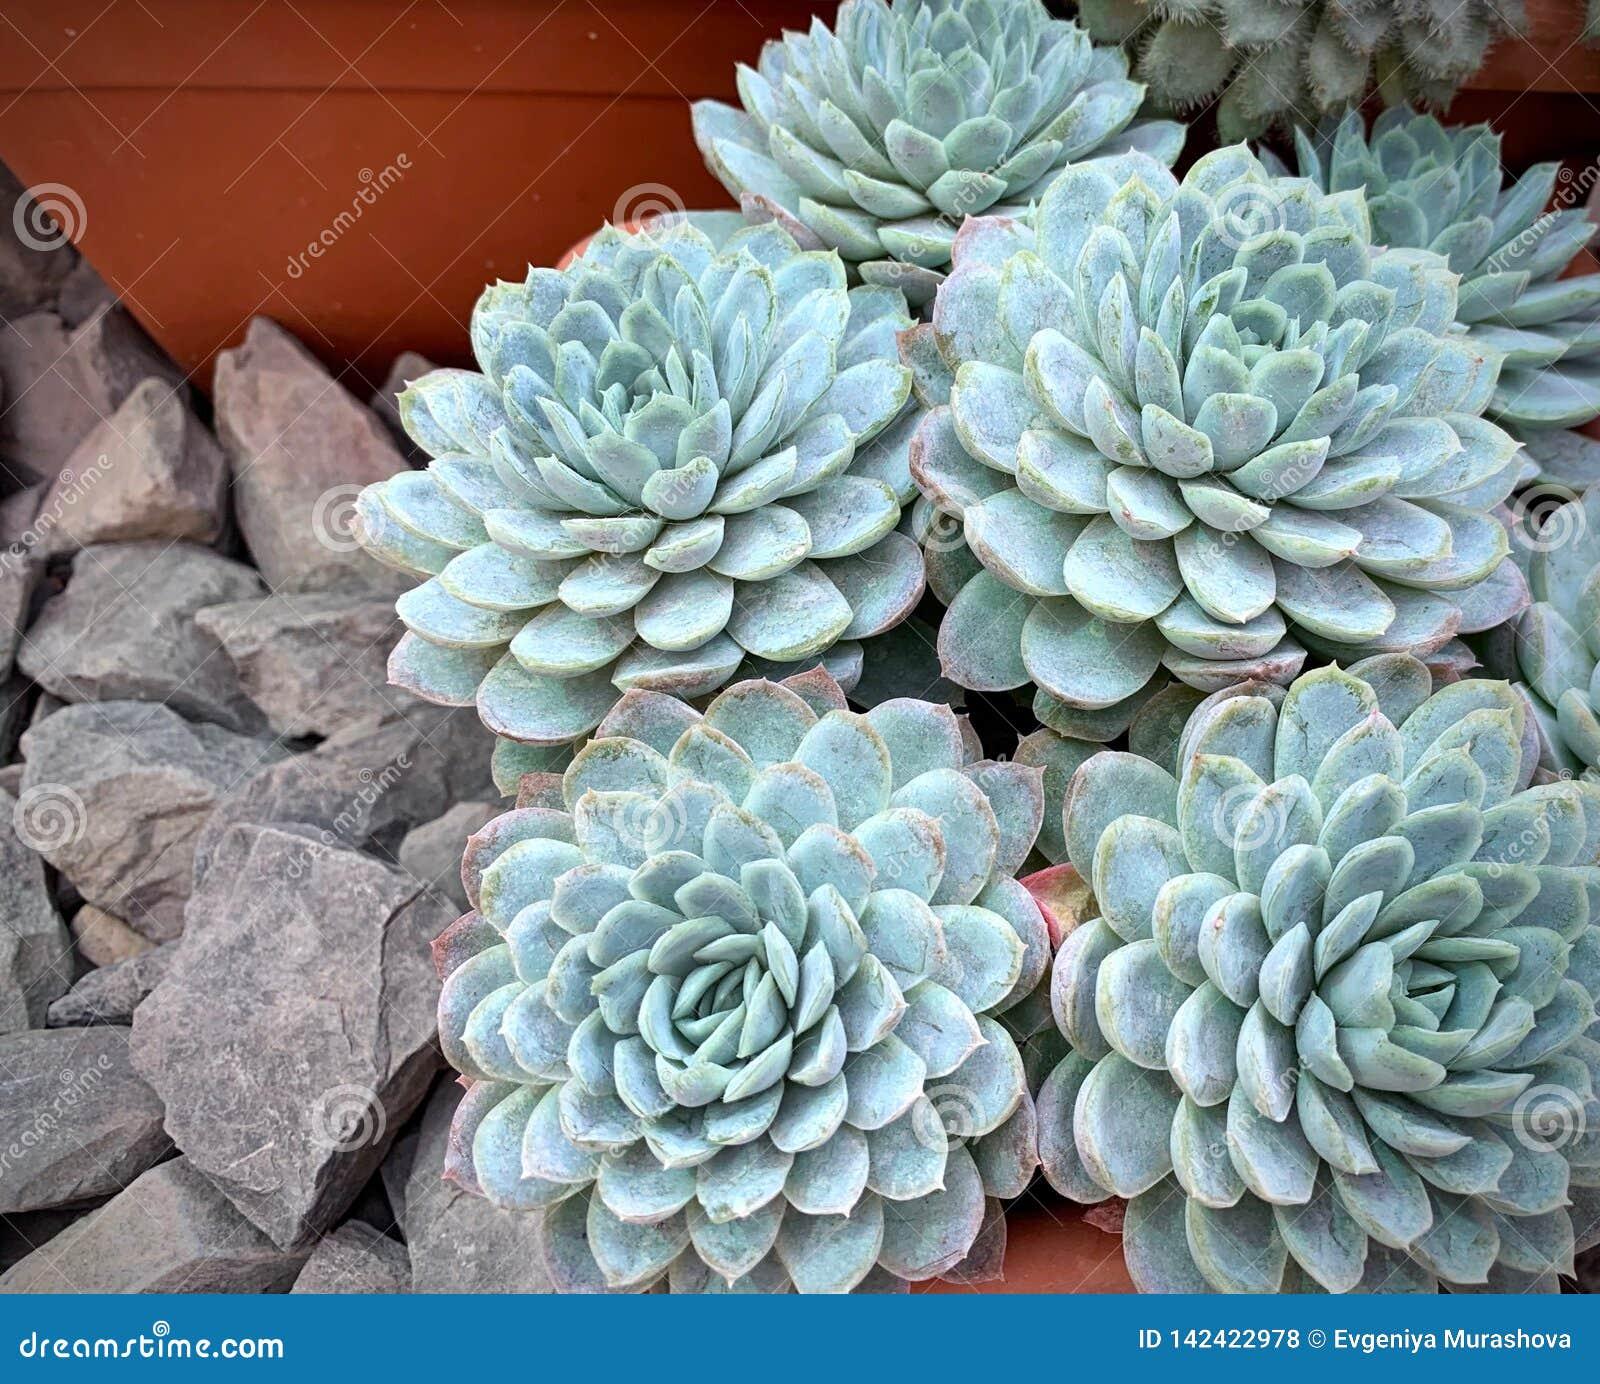 Aziende agricole dell erica del cactus, succulenti blu